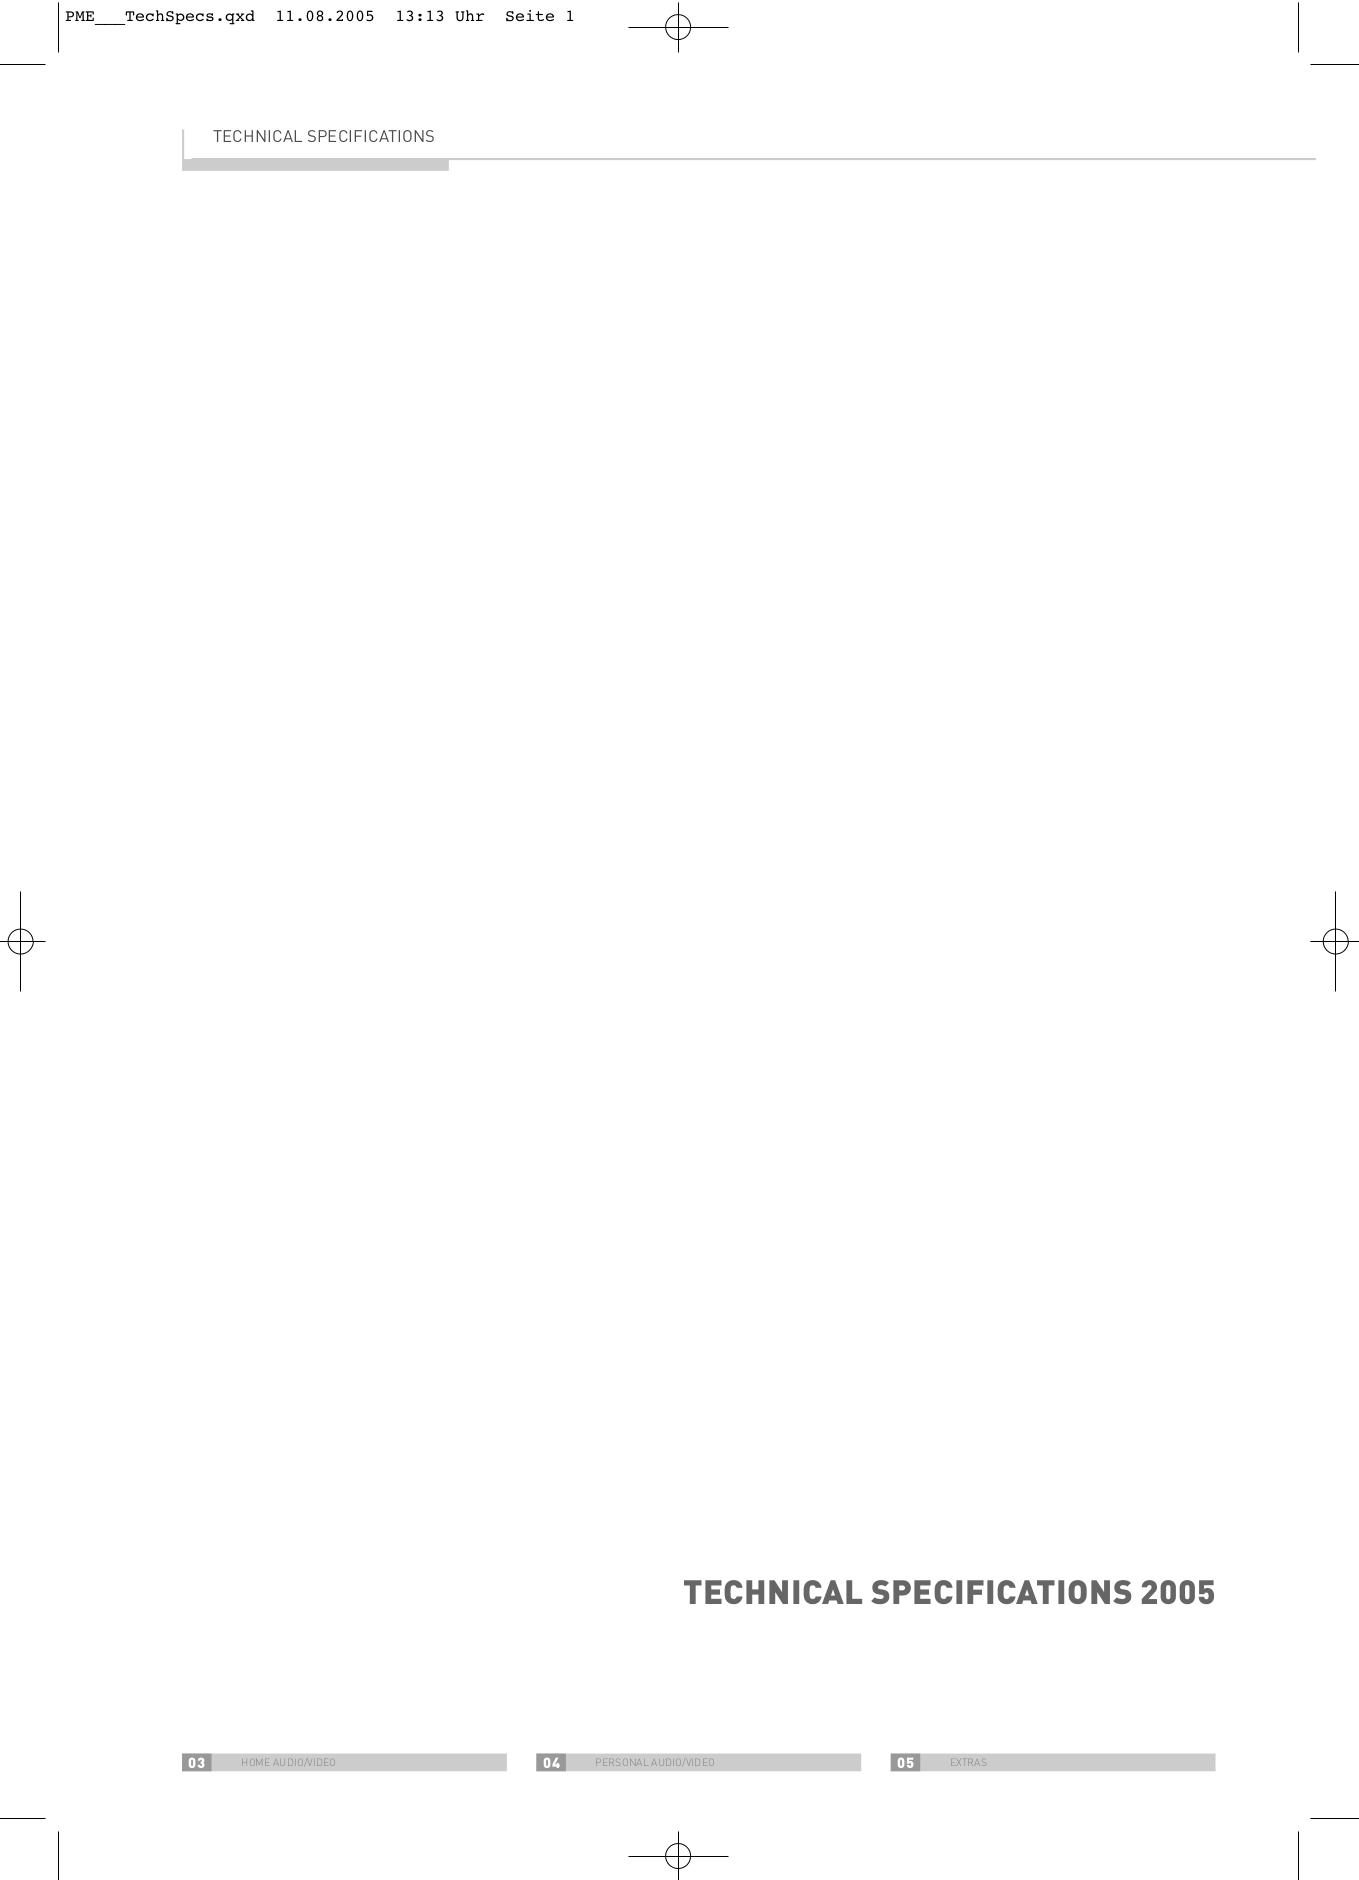 panasonic sd bt56p manual pdf